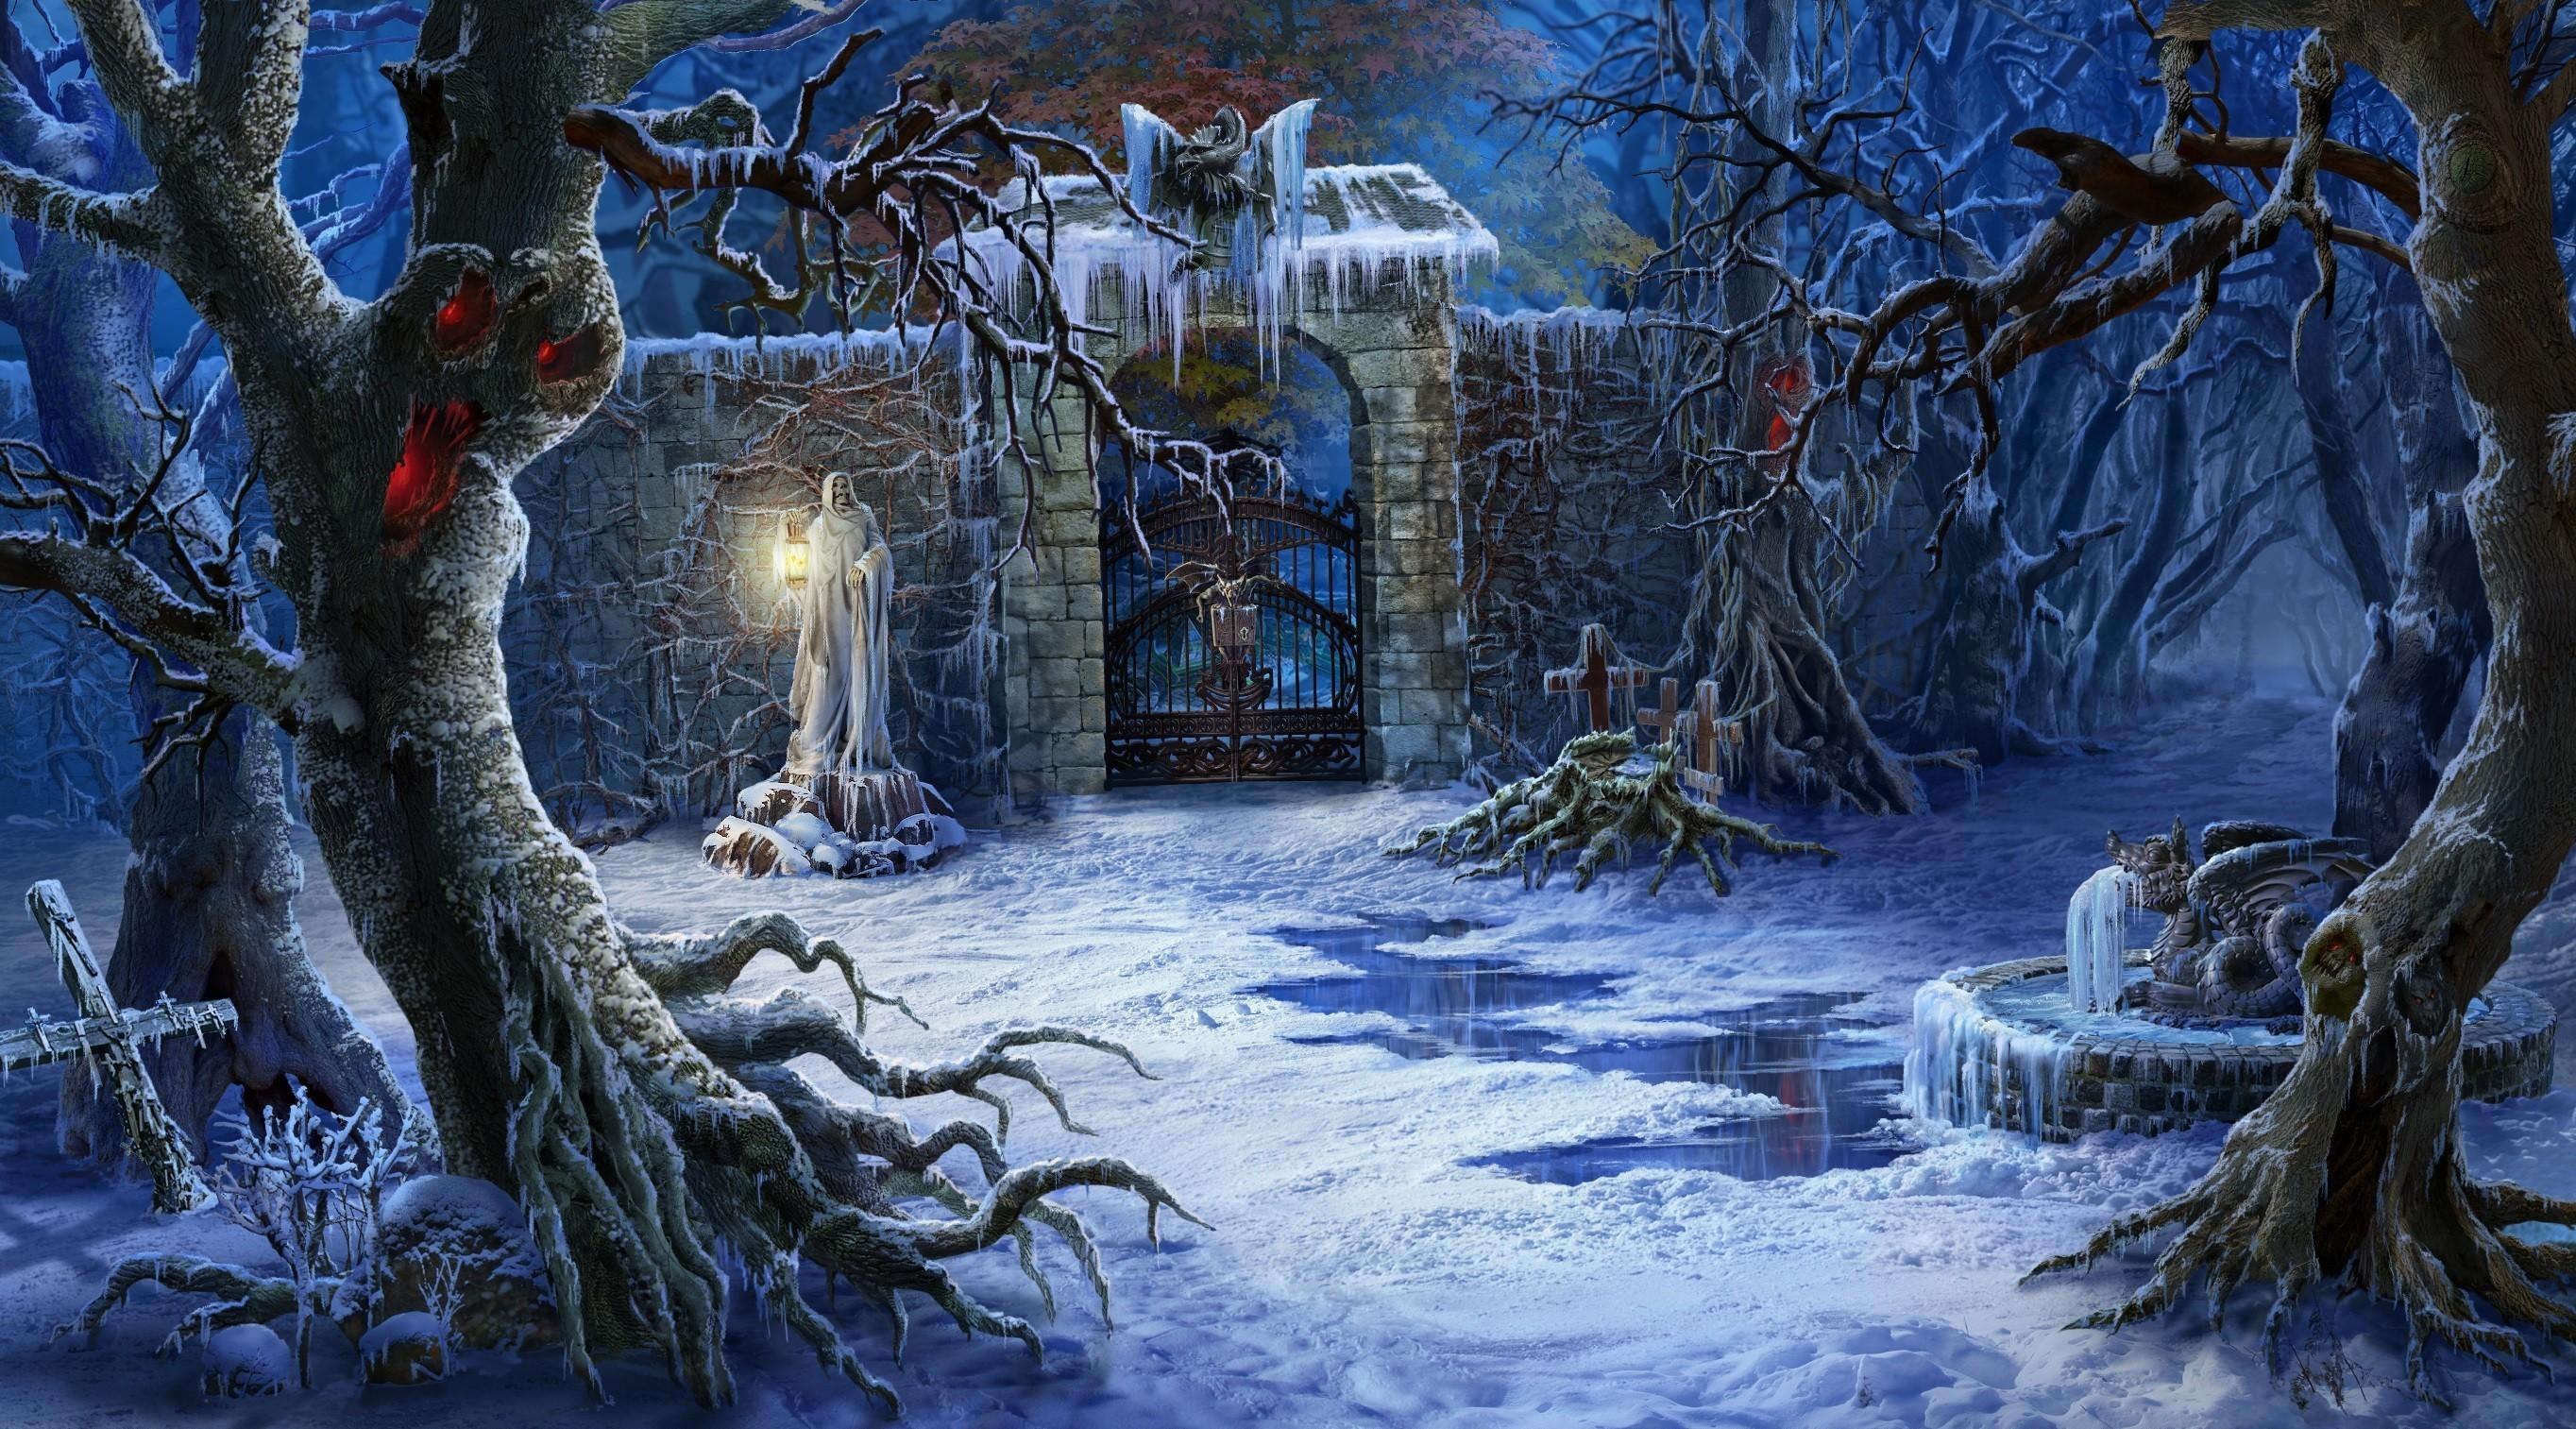 выпускного утренника лес зимой и сказка фэнтези фото всего